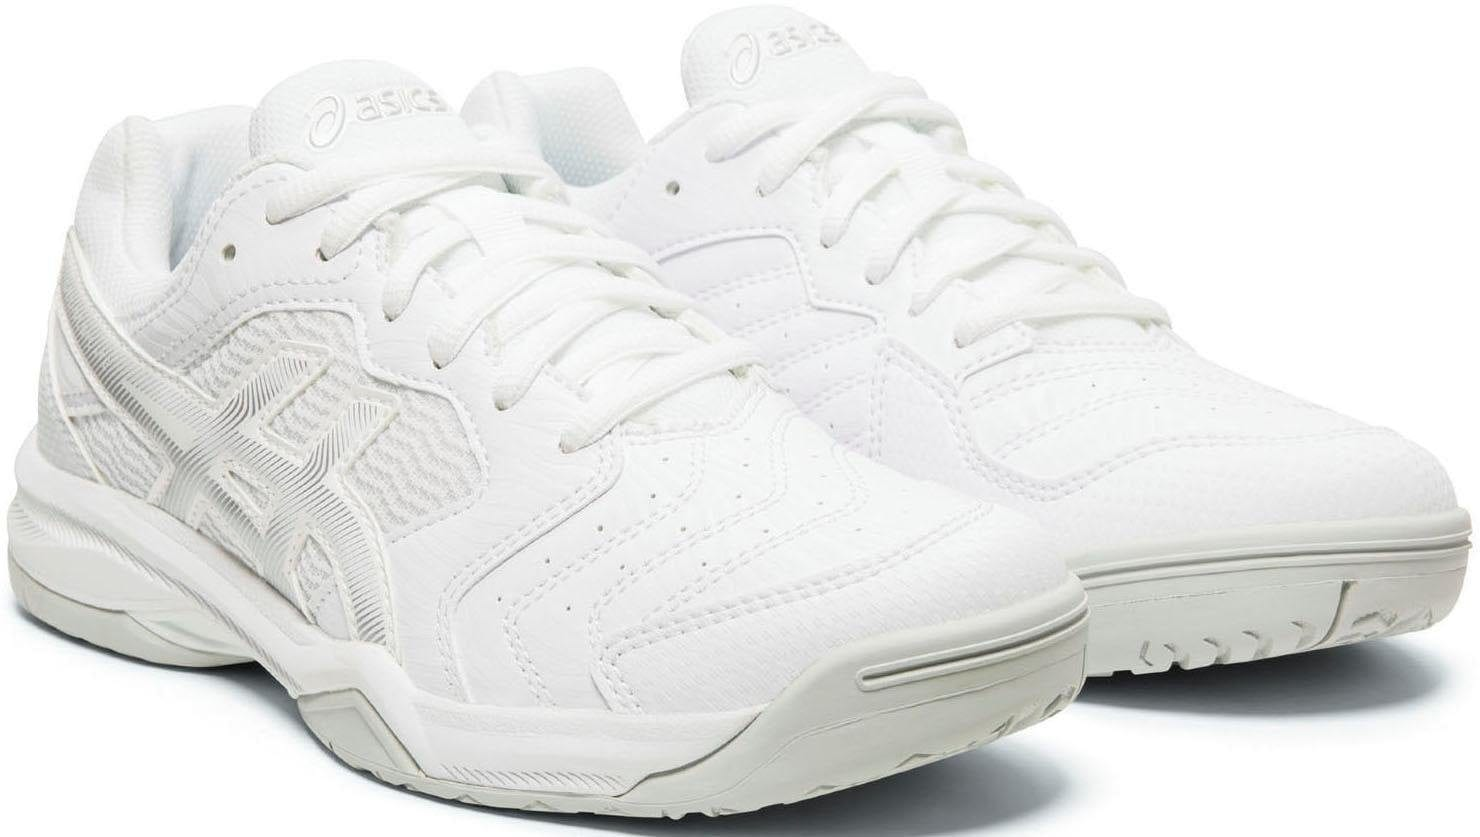 Asics Tennisschuh GEL-DEDICATE 6 weiß Tennisschuhe Sportschuhe Unisex